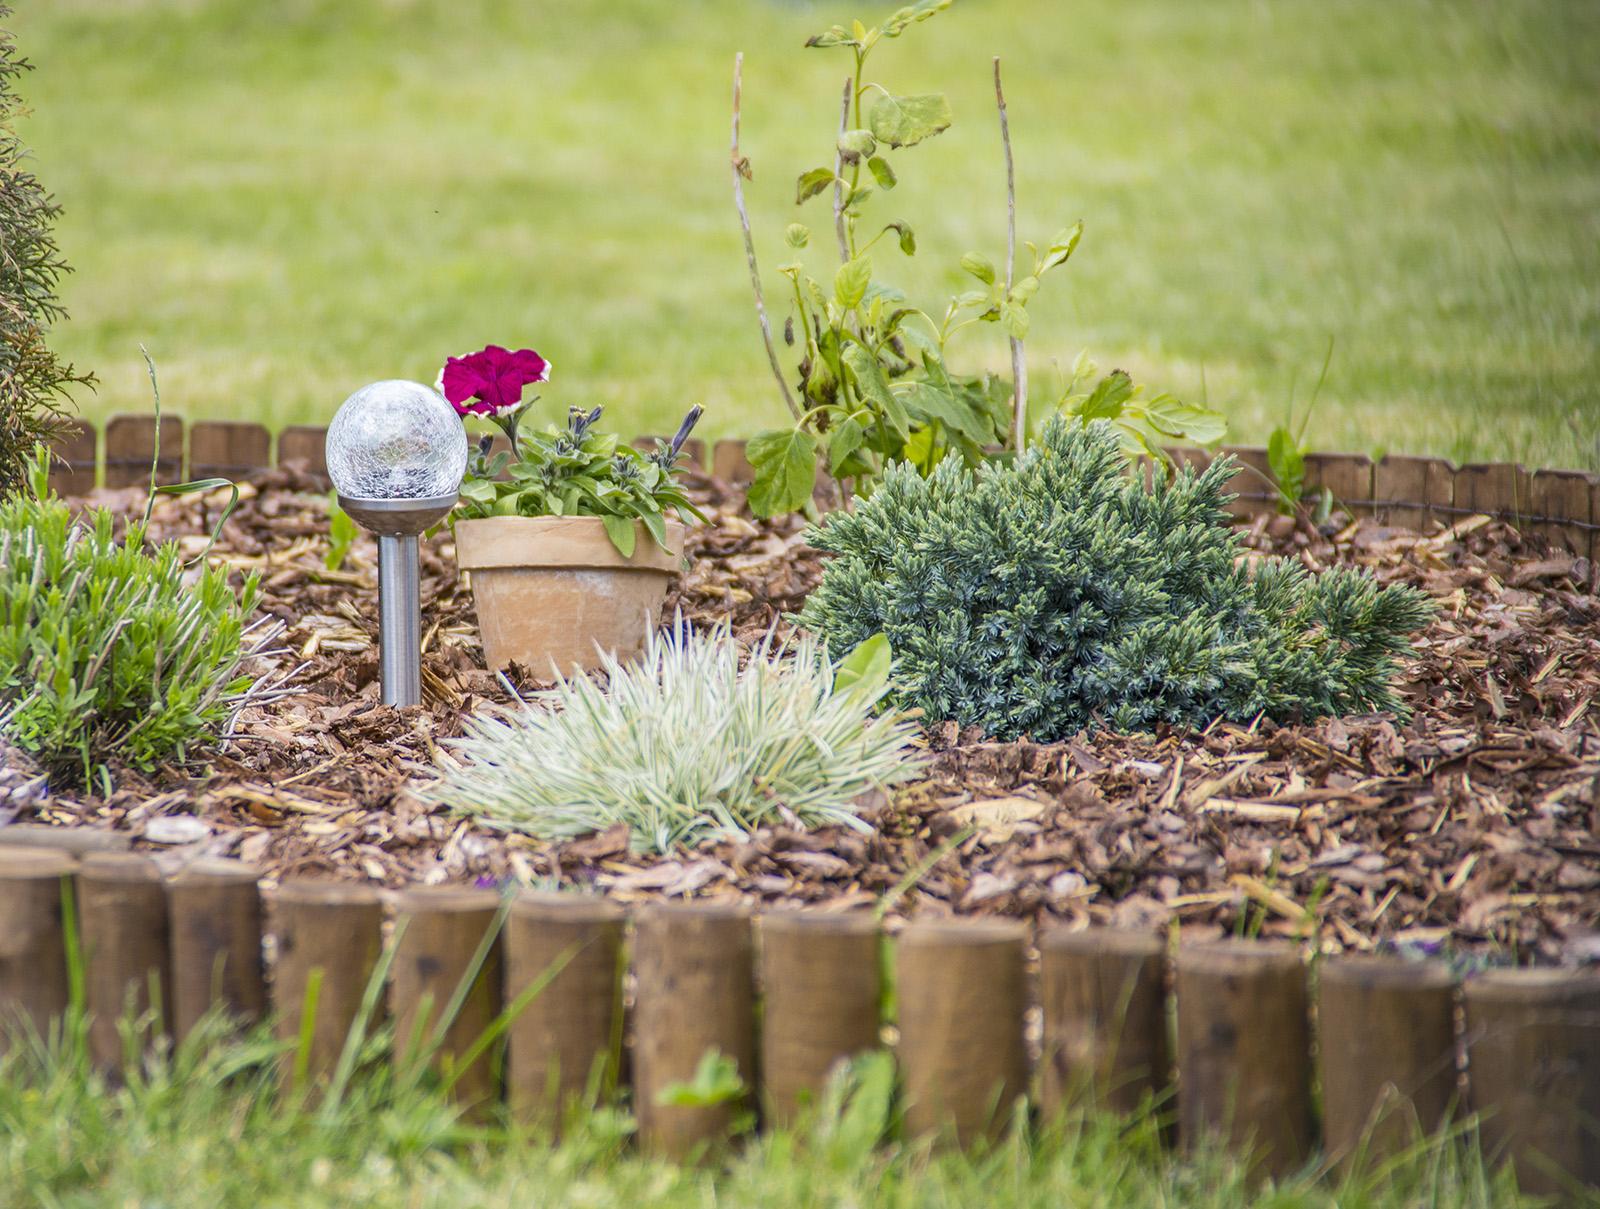 Palisada ogrodowa – Szybka renowacja